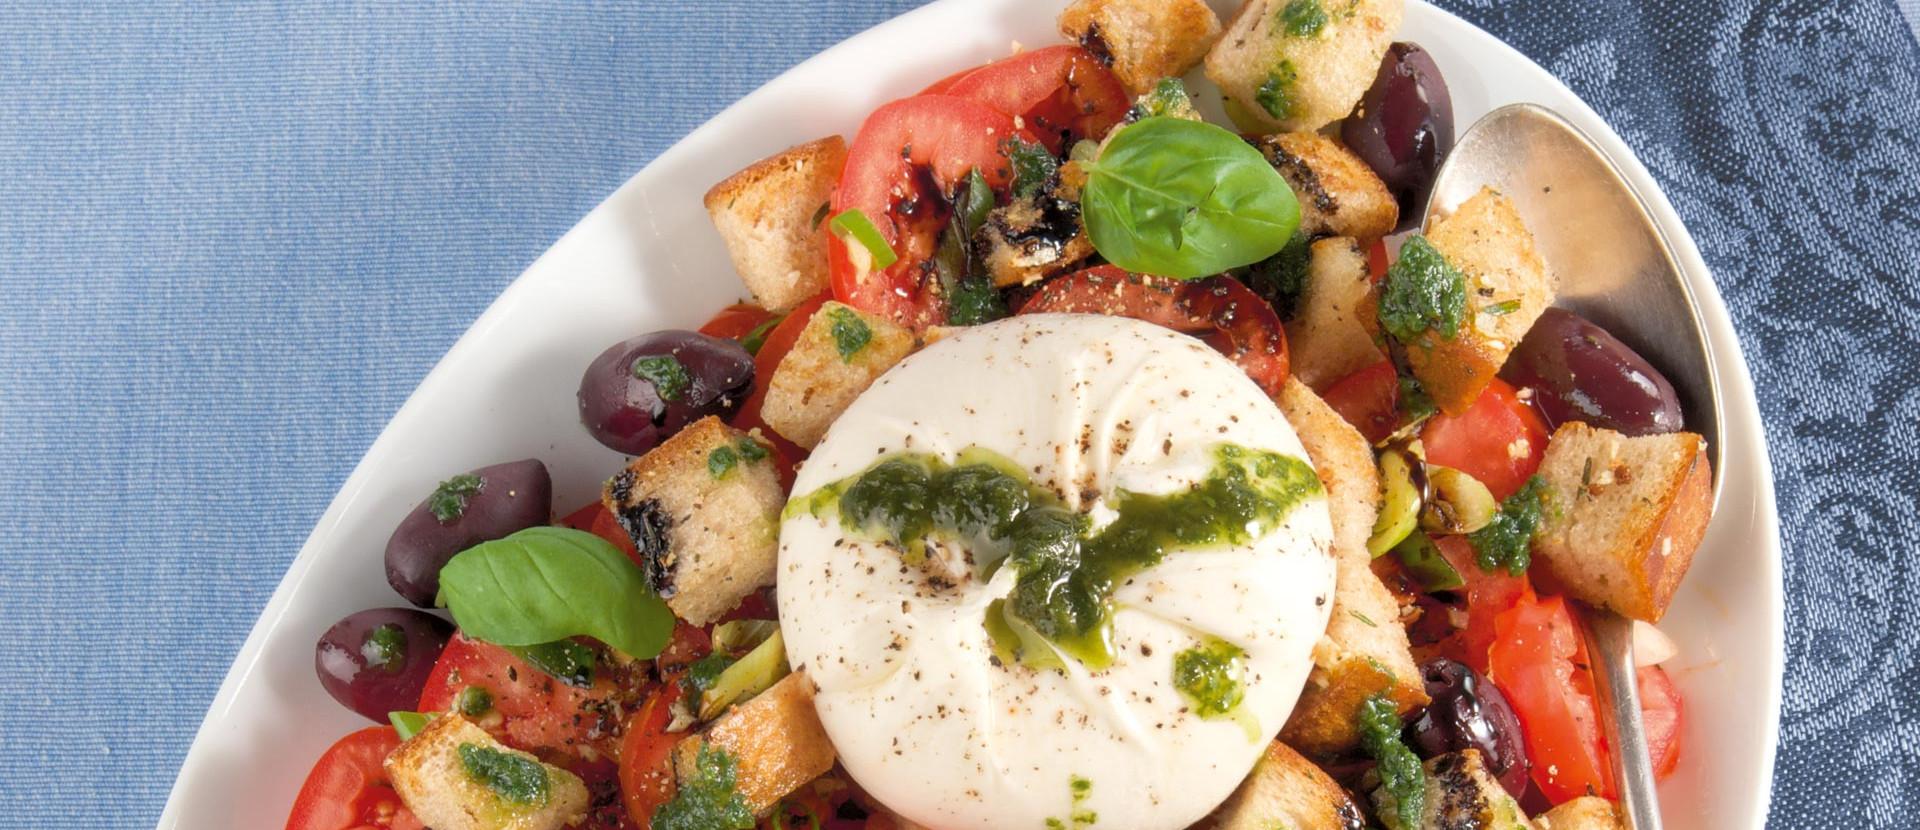 Burratina Tomaten mit Knoblauch-Röstbrot